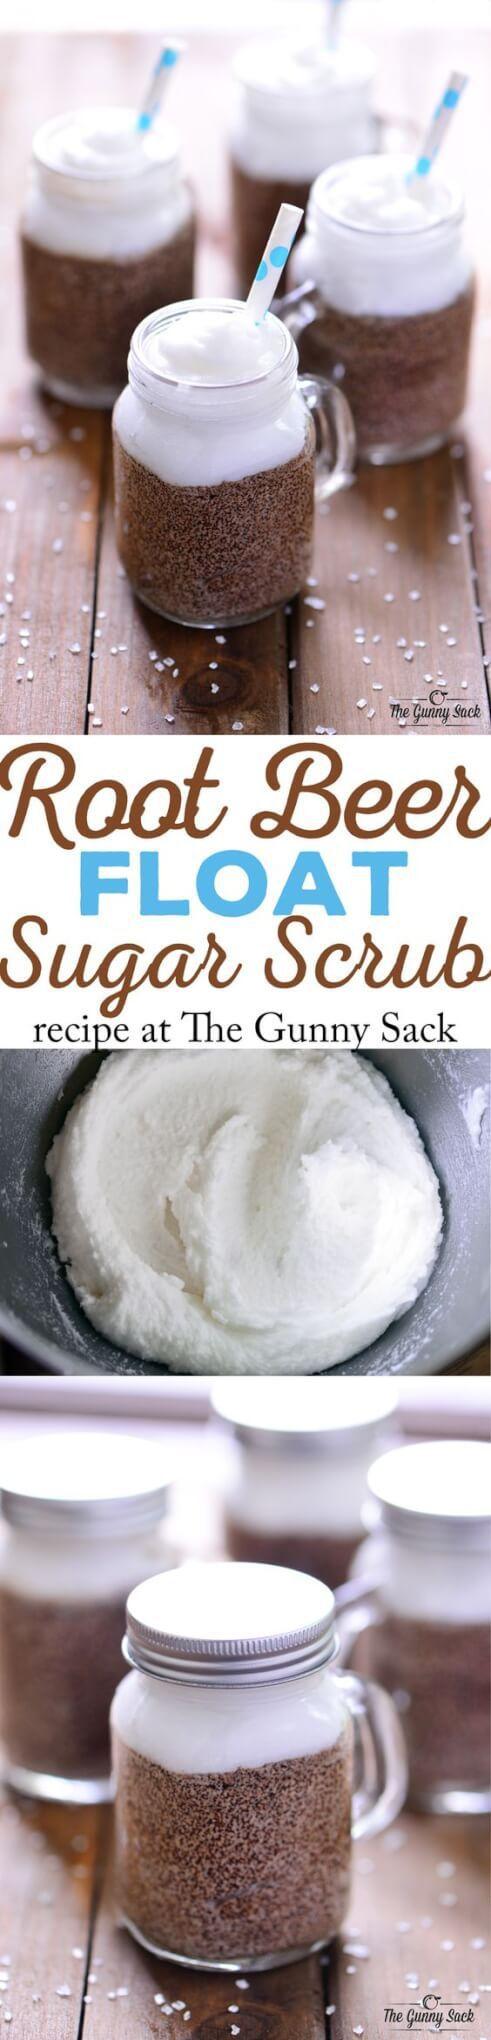 Root Beer Float Sugar Scrub